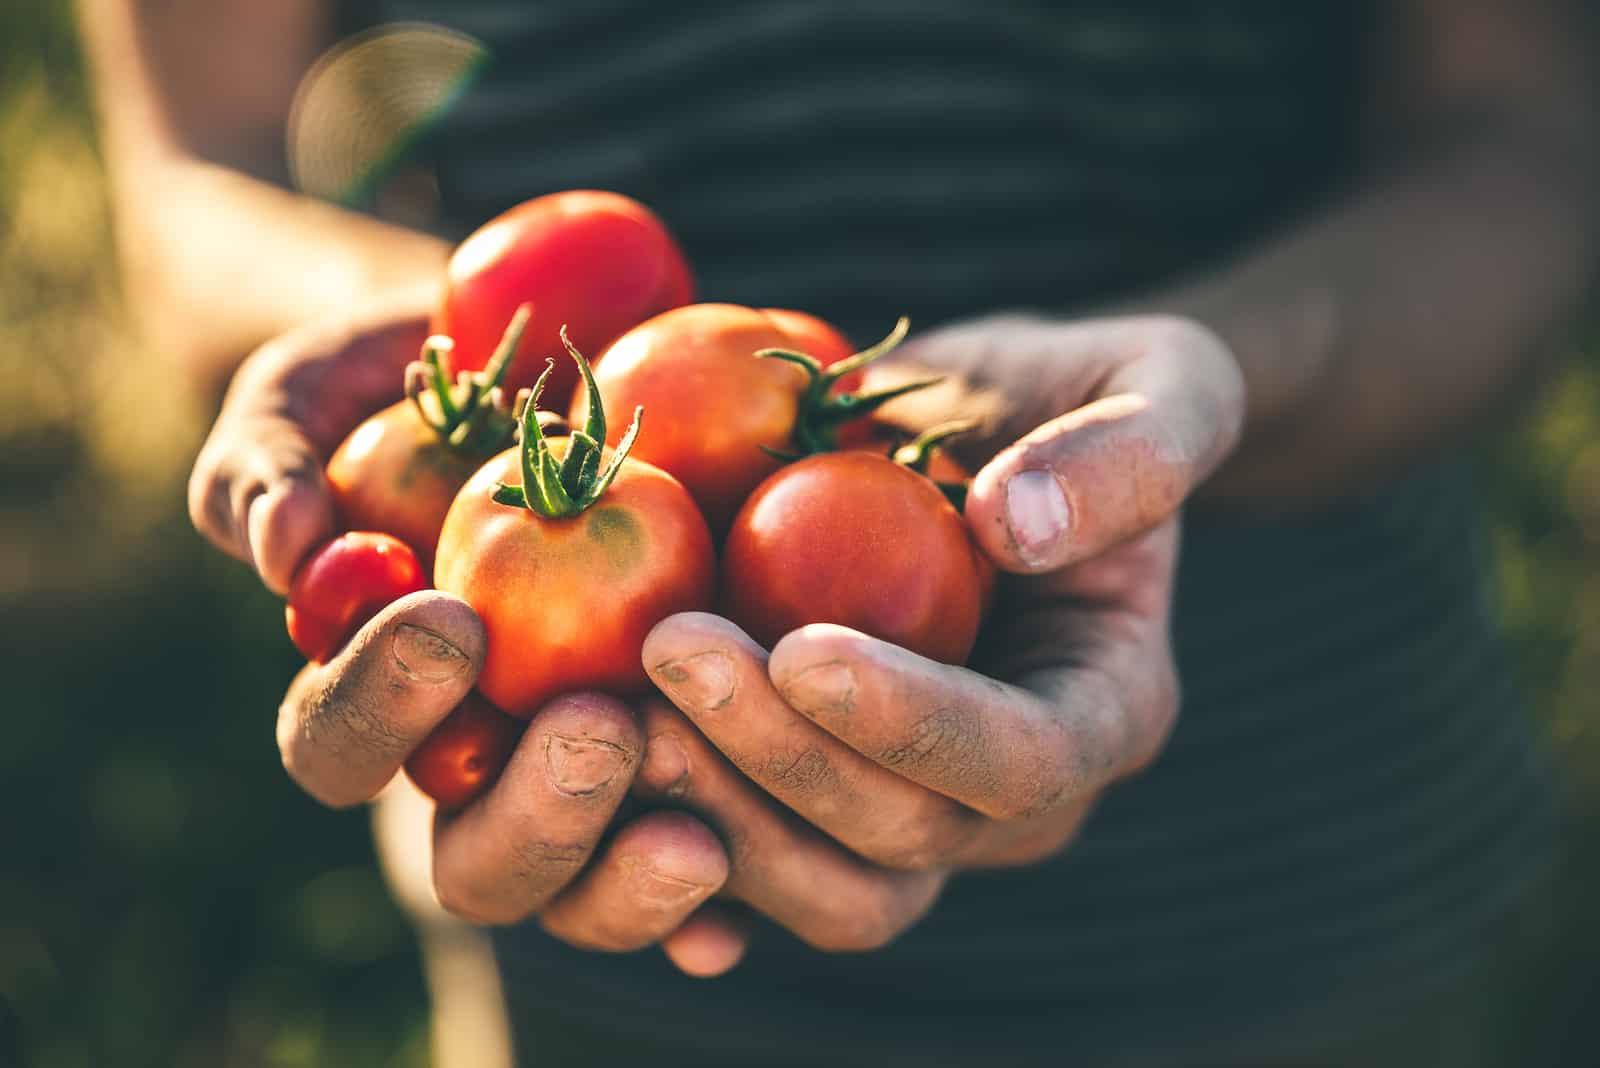 Der Bauer hält frisch gepflückte Tomaten in den Händen